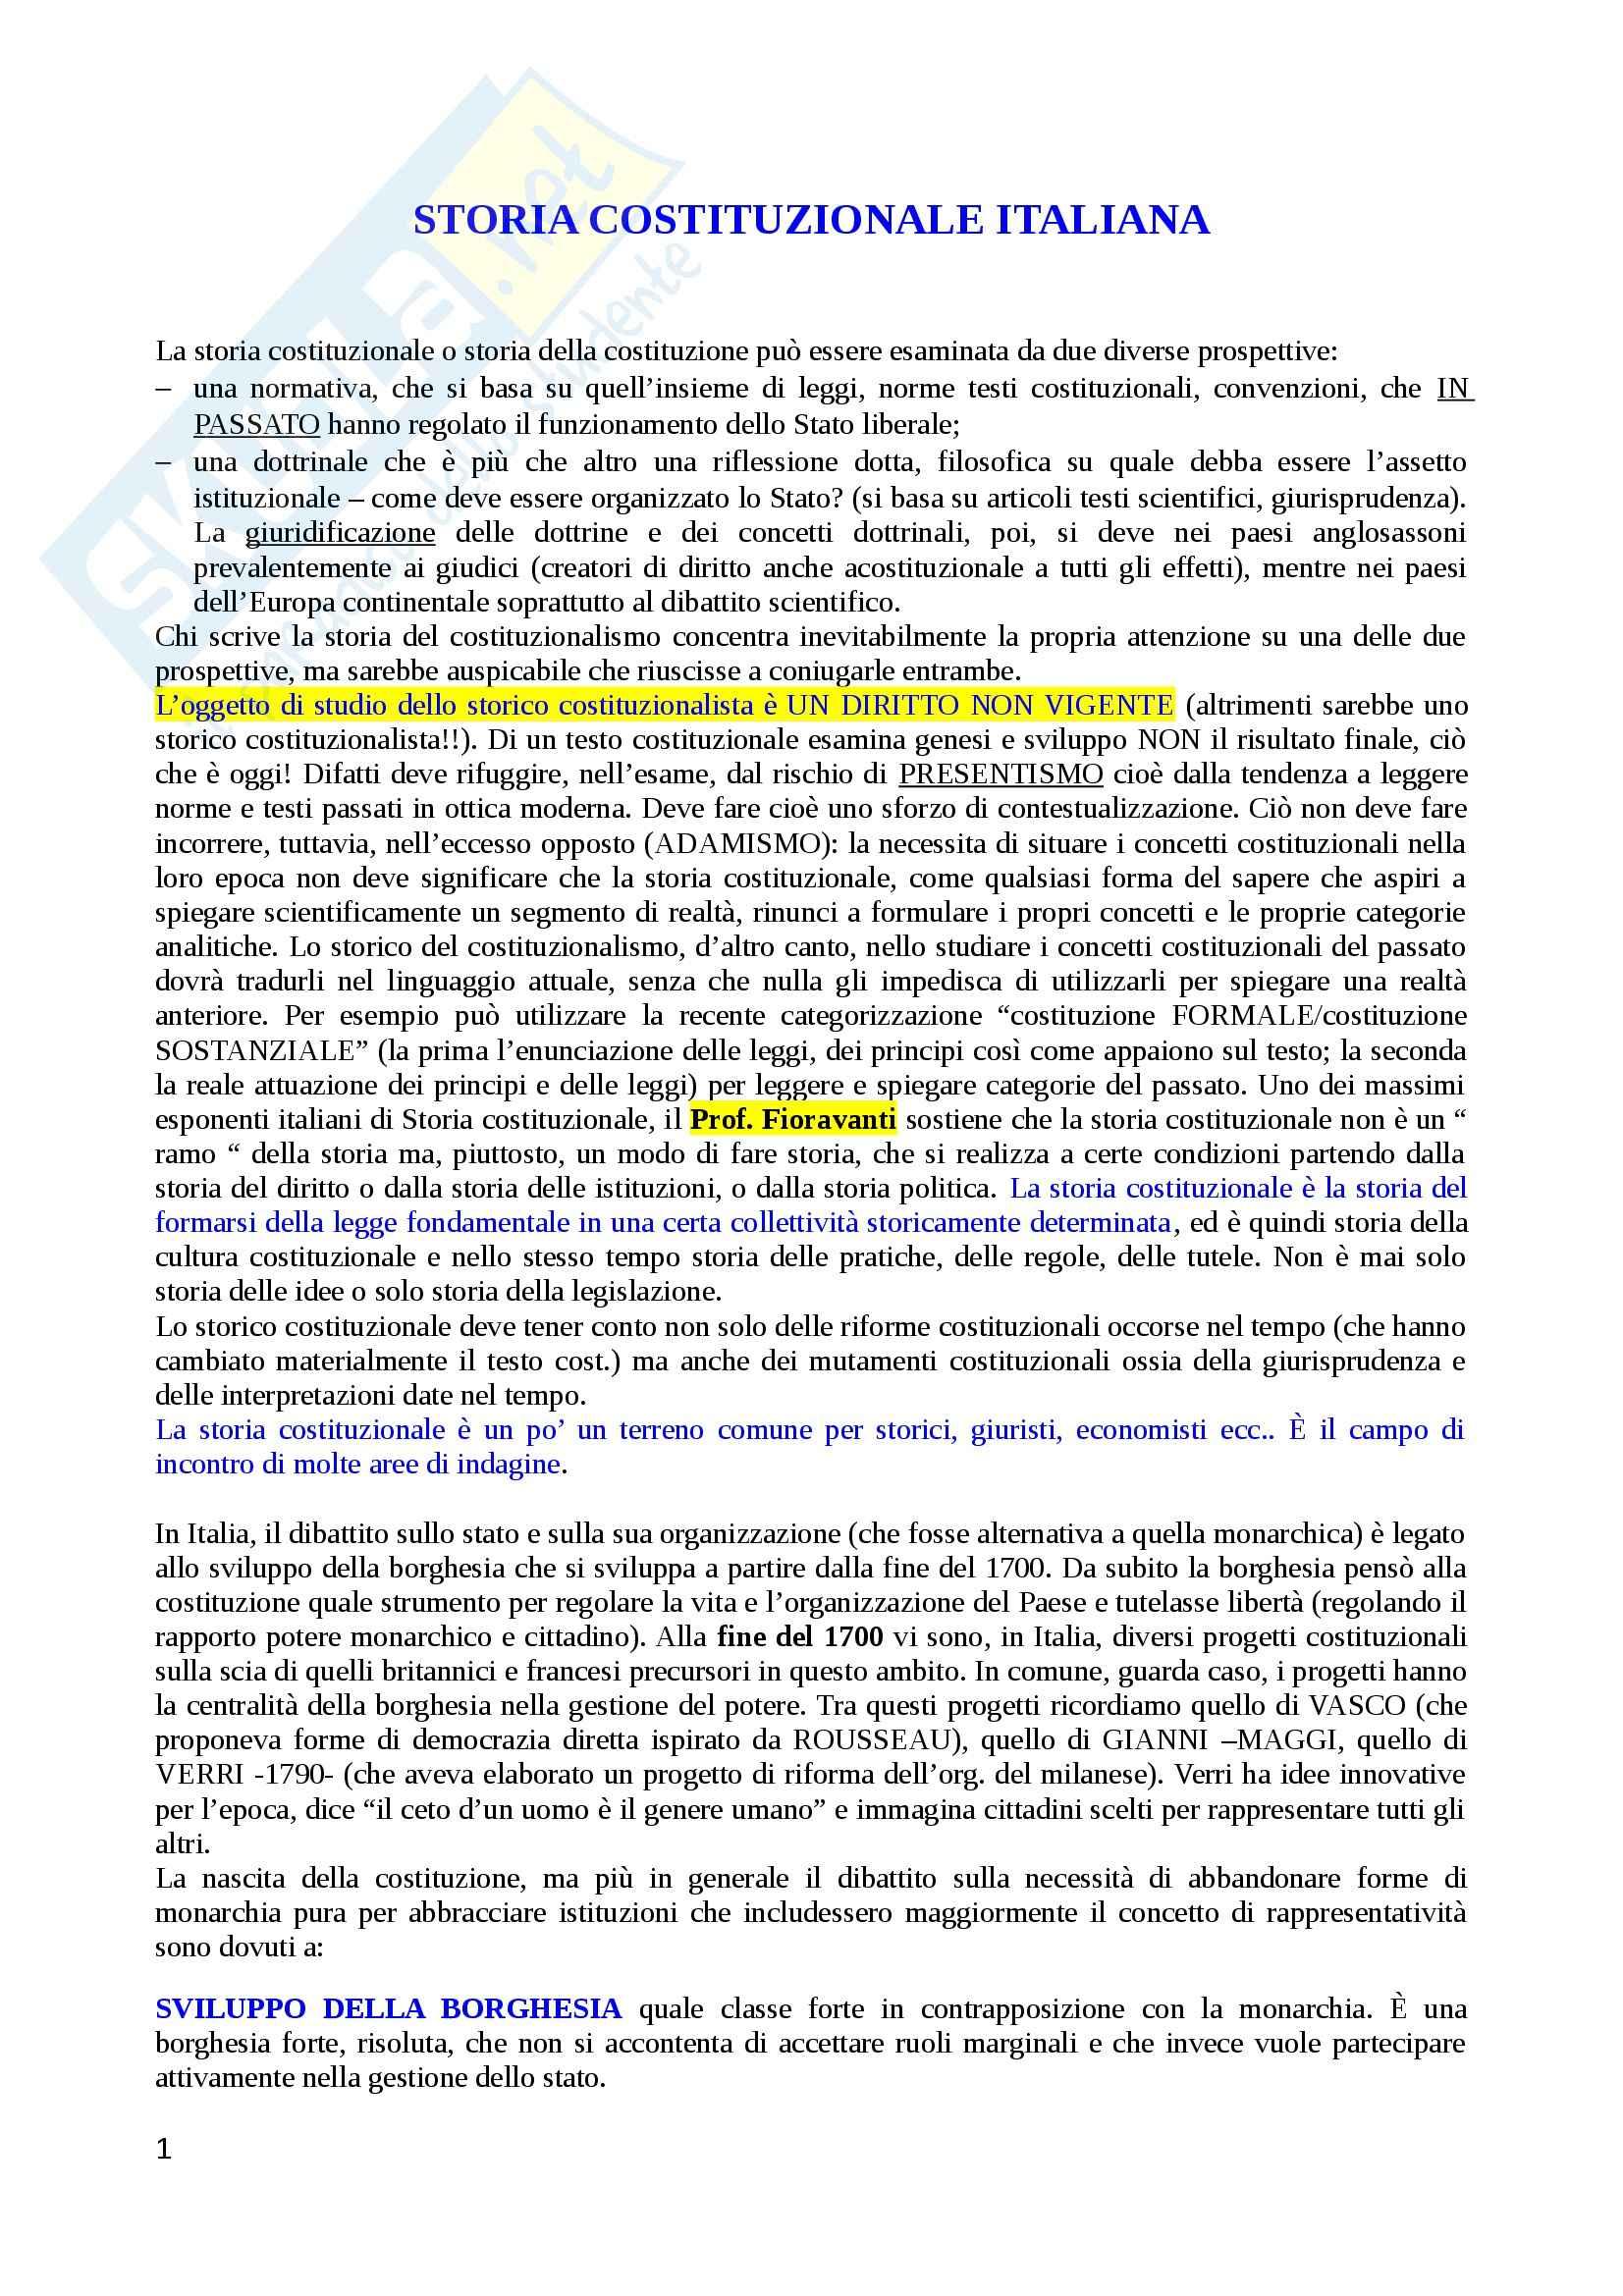 Lezioni, Storia costituzionale italiana